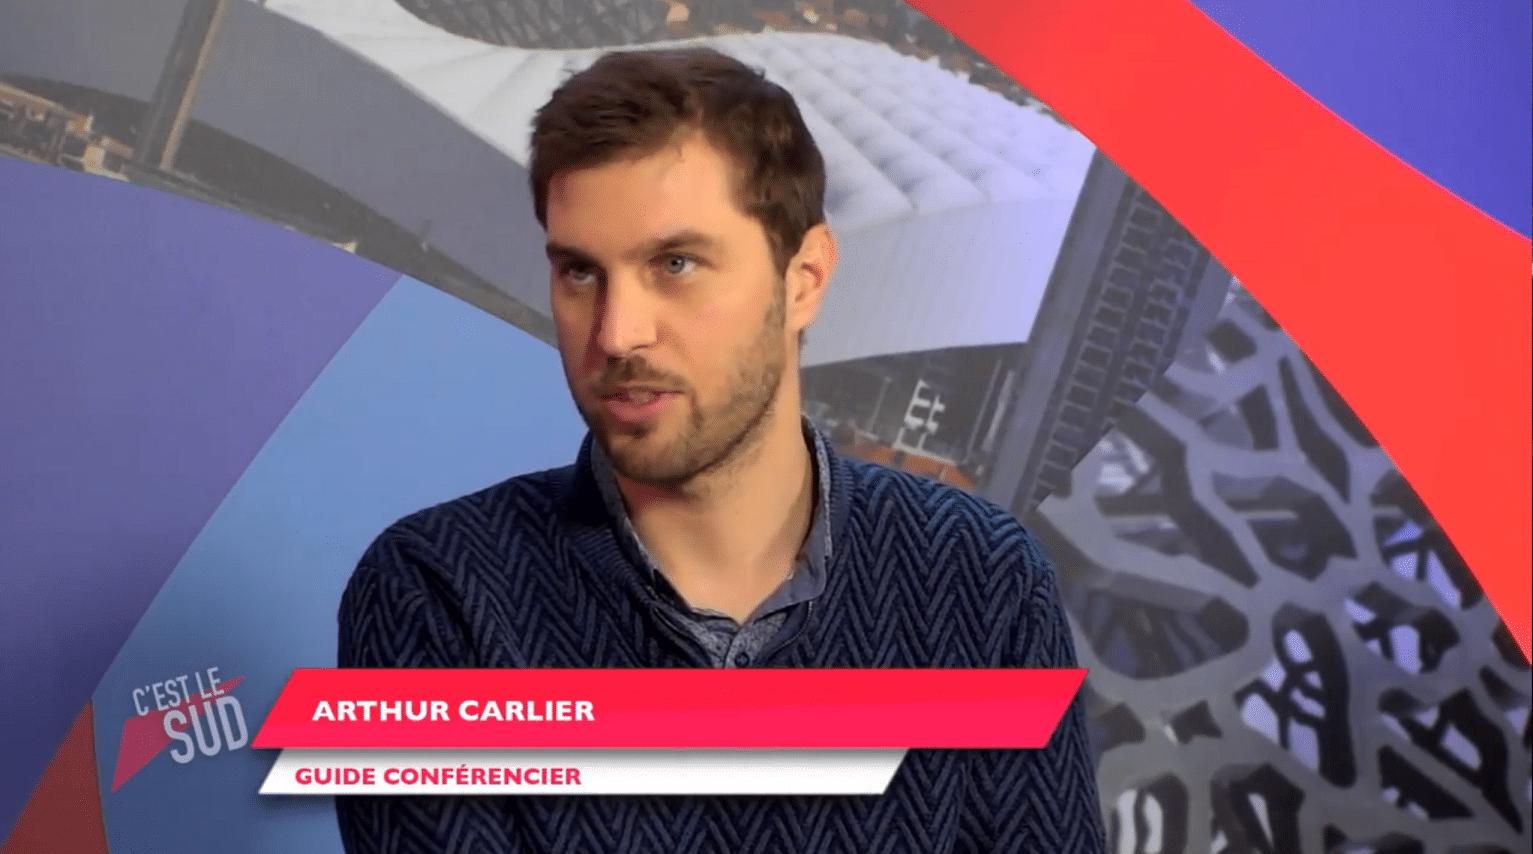 Arthur Carlier guide-conférencier